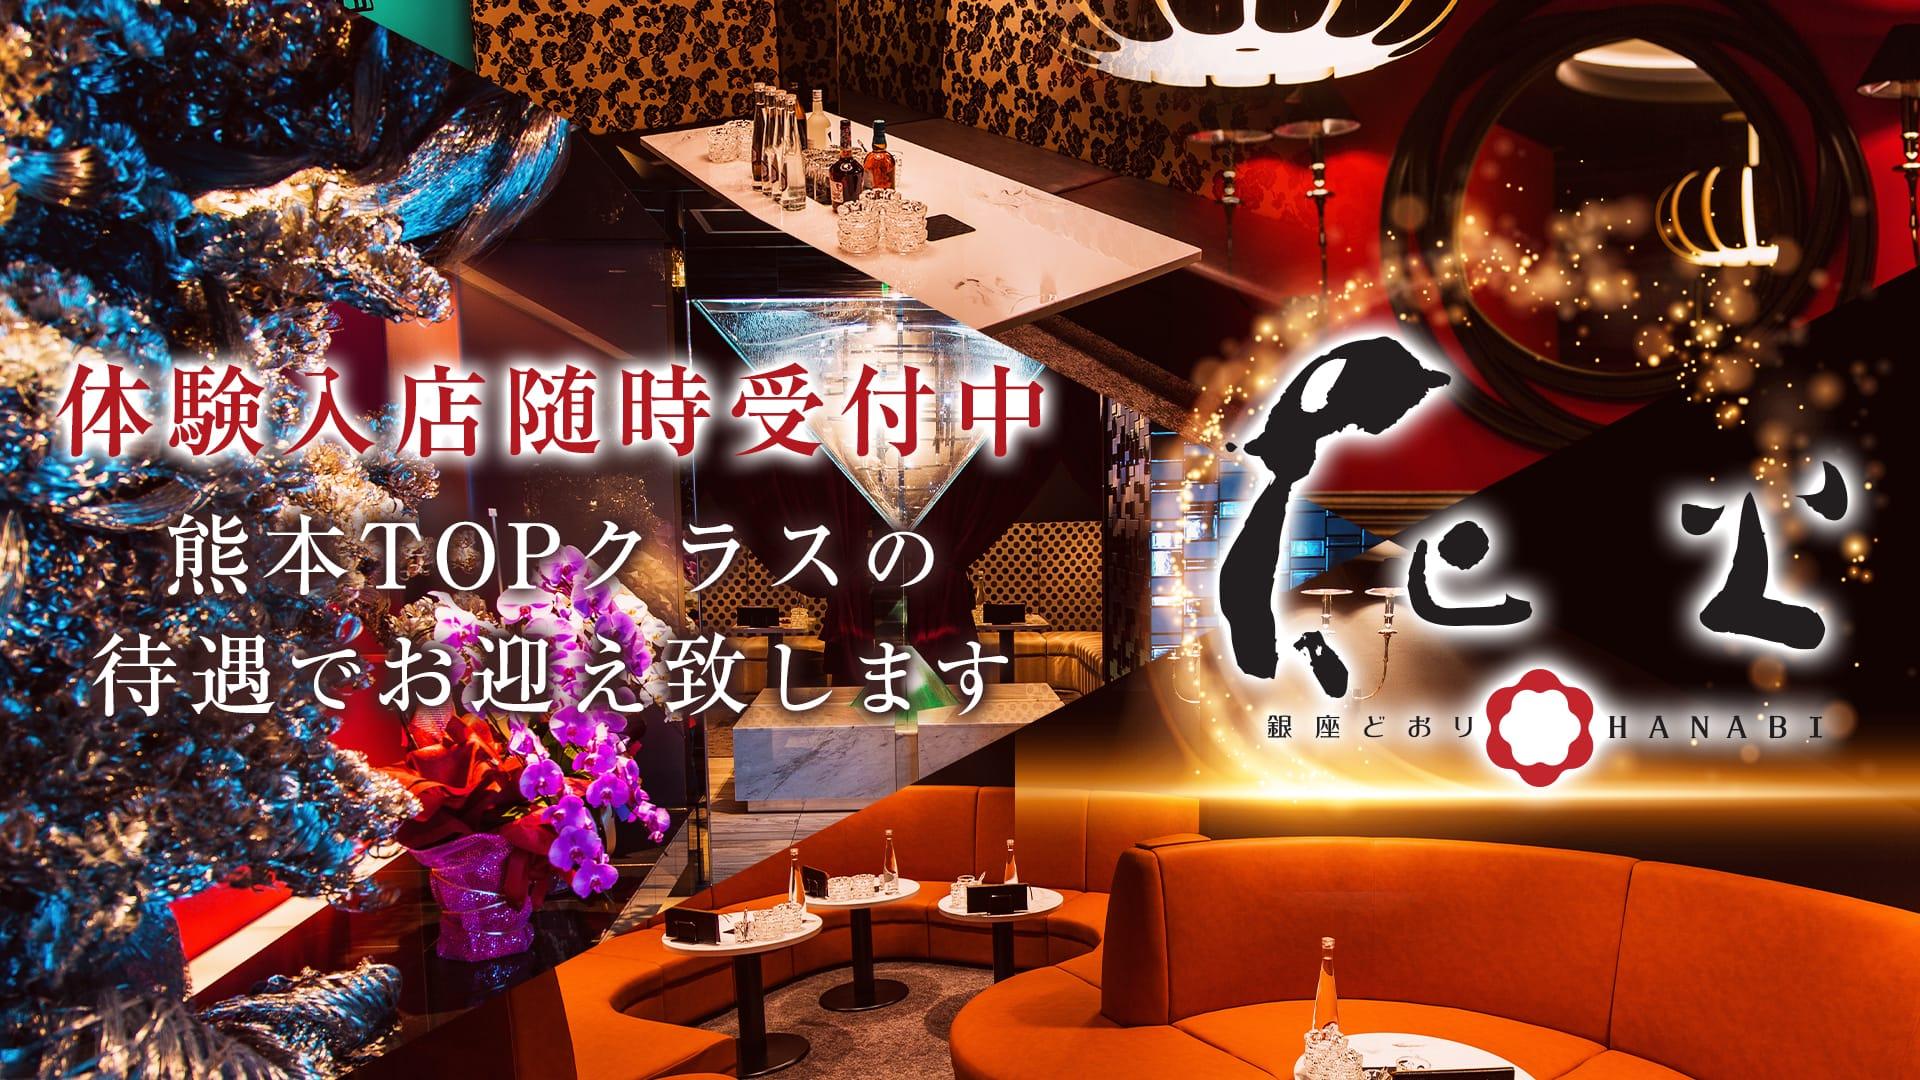 銀座どおり 花火(はなび) 花畑町ラウンジ TOP画像